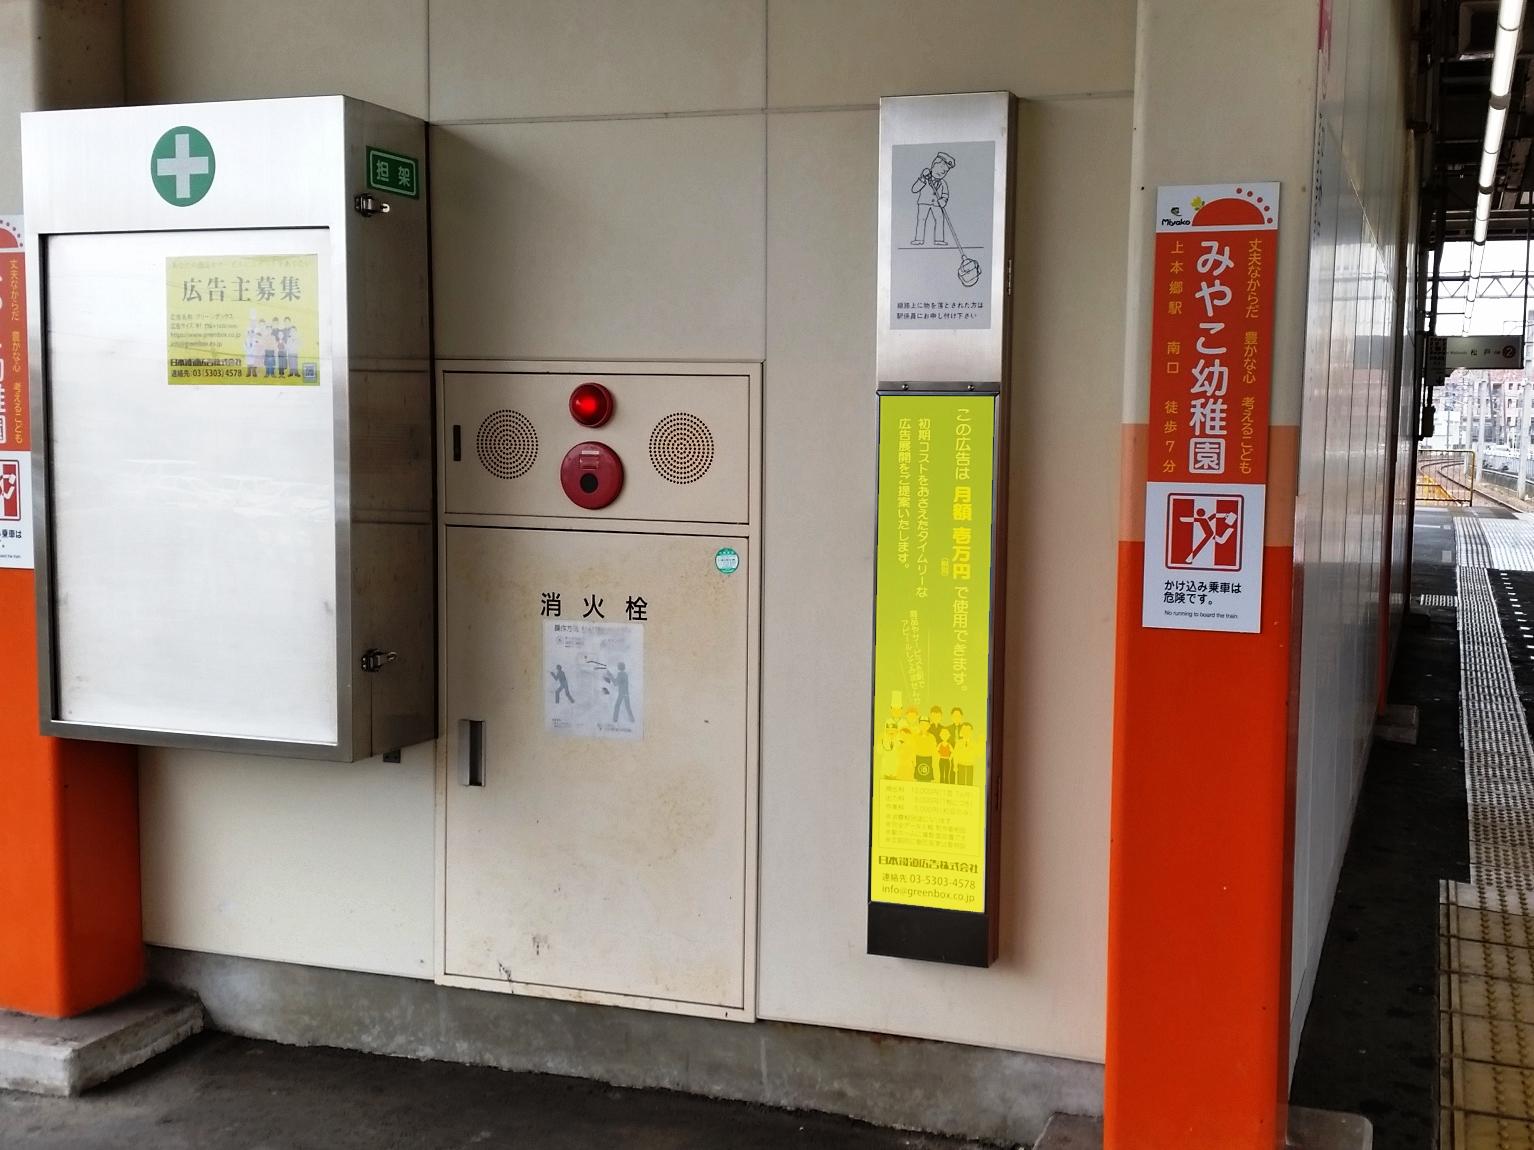 上本郷駅媒体画像